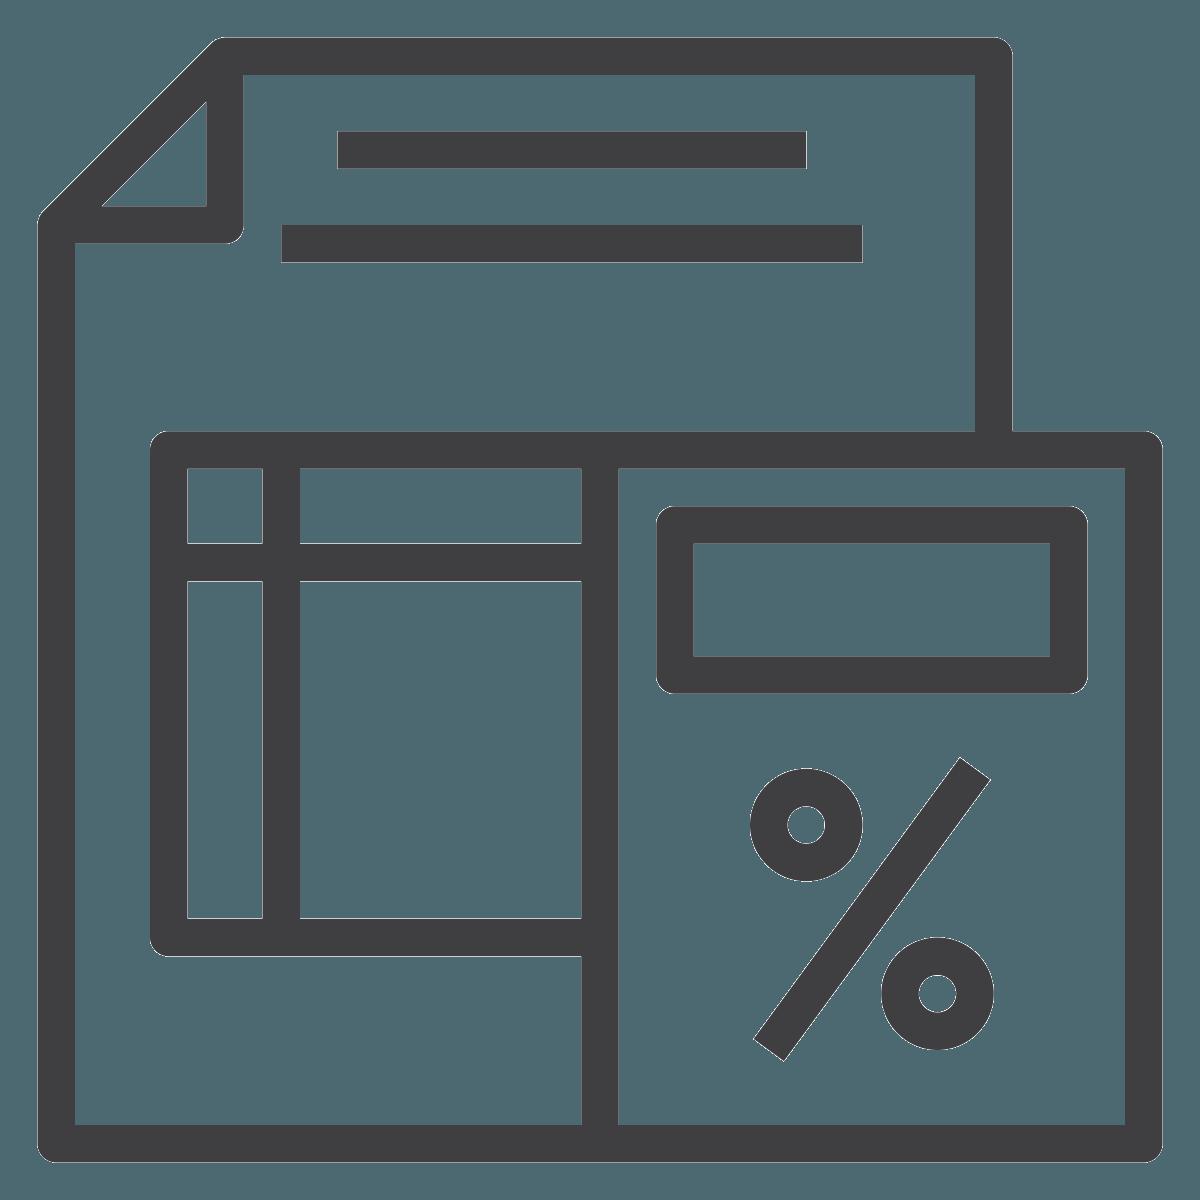 外国买家指南